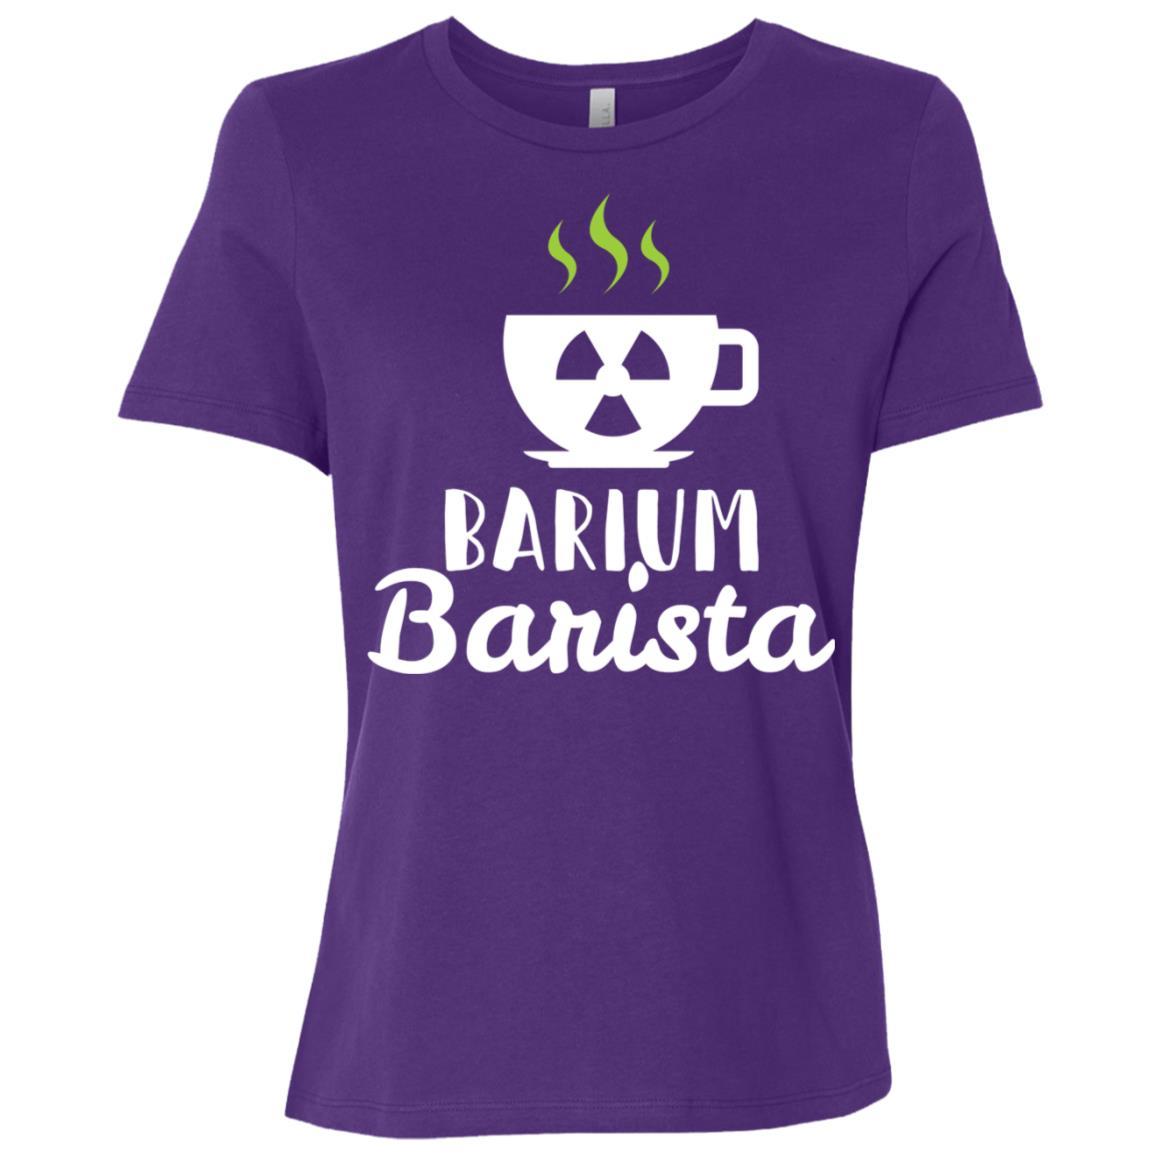 Barium Barista Radiology Technician Gift Women Short Sleeve T-Shirt